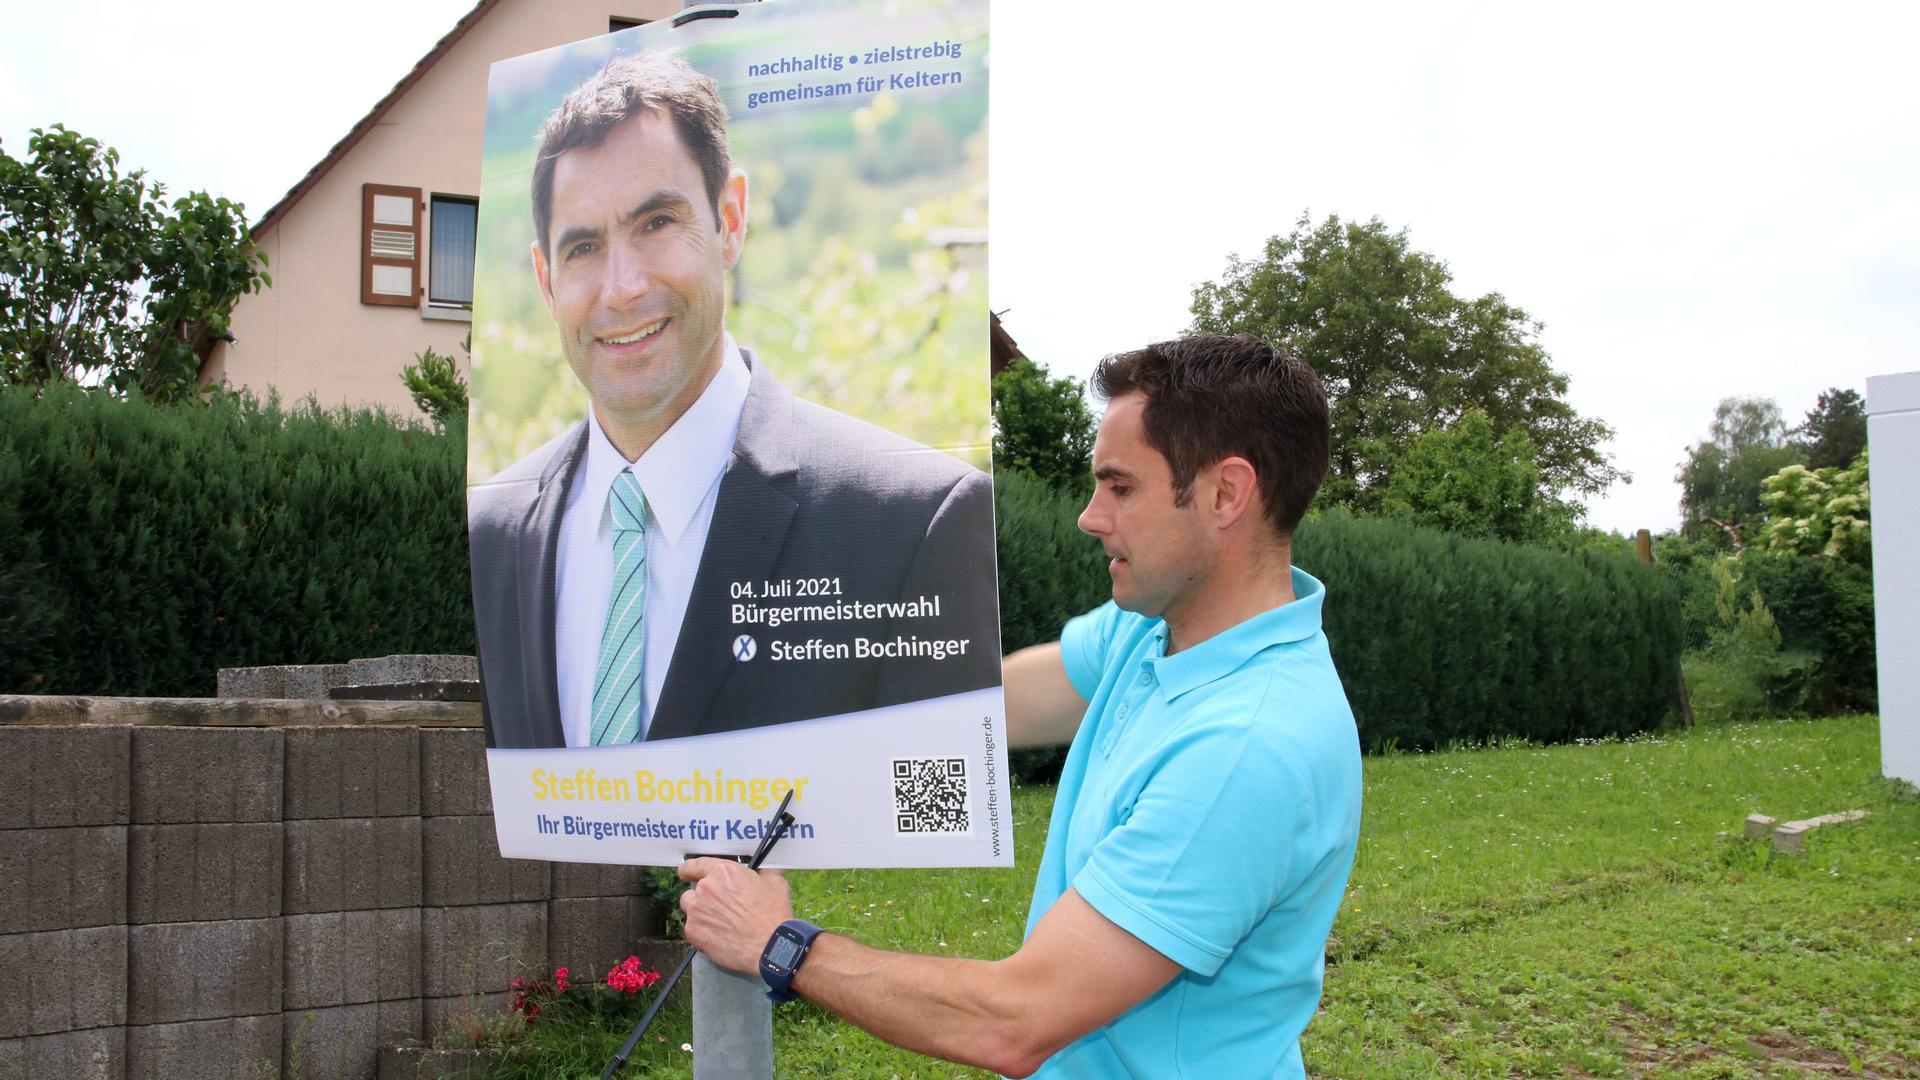 Startet seinen Wahlkampf: Kelterns Bürgermeister Steffen Bochinger hat zum Auftakt am Mittwoch Wahlplakate aufgehängt – hier in Dietenhausen.